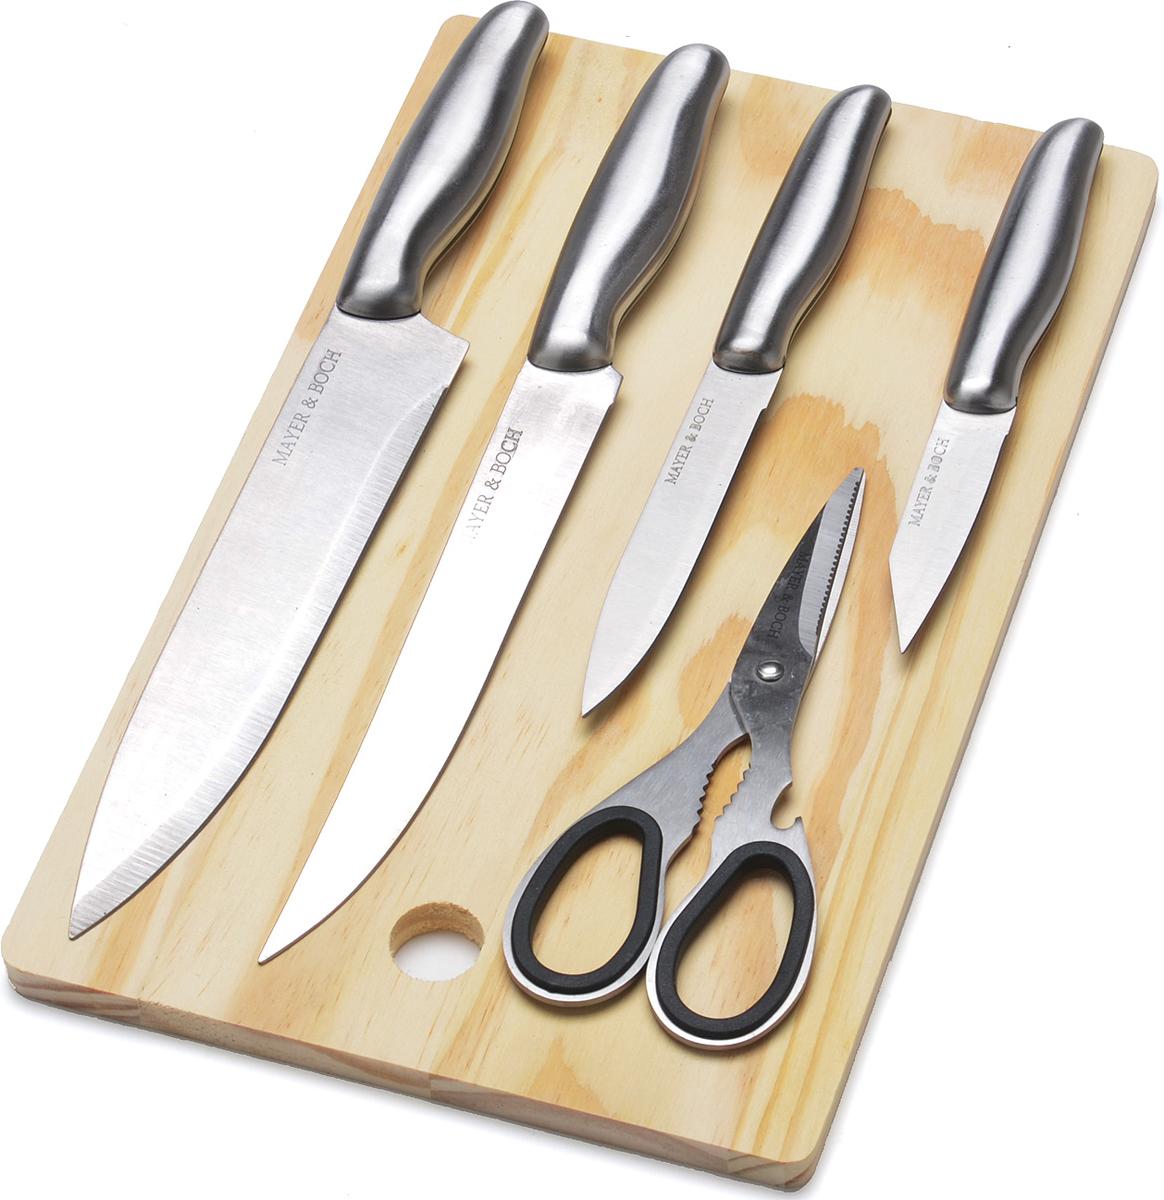 """Замечательный набор ножей """"Mayer&Boch"""" выполнен из высококачественной нержавеющей  стали и включает в себя: поварской нож, разделочный нож, универсальный нож, нож для  чистки, кухонные ножницы, и деревянную разделочную доску. Специальный дизайн ручек  из пластика обеспечит безопасную работу и комфортное положение в руке. Большая  деревянная разделочная доска, которая входит в набор, позволит легко выполнить даже  самую трудоемкую работу (например, очистить рыбу от костей или сделать отбивную) и при  этом не испачкать и не повредить поверхность стола. Также, этот набор может стать  отличным подарком для начинающей хозяйки, потому что он включает в себя все  необходимые ножи для приготовления пищи. Набор """"Mayer&Boch"""" станет для вас  отличным помощником на кухне. Подходит для мытья в посудомоечной машине."""